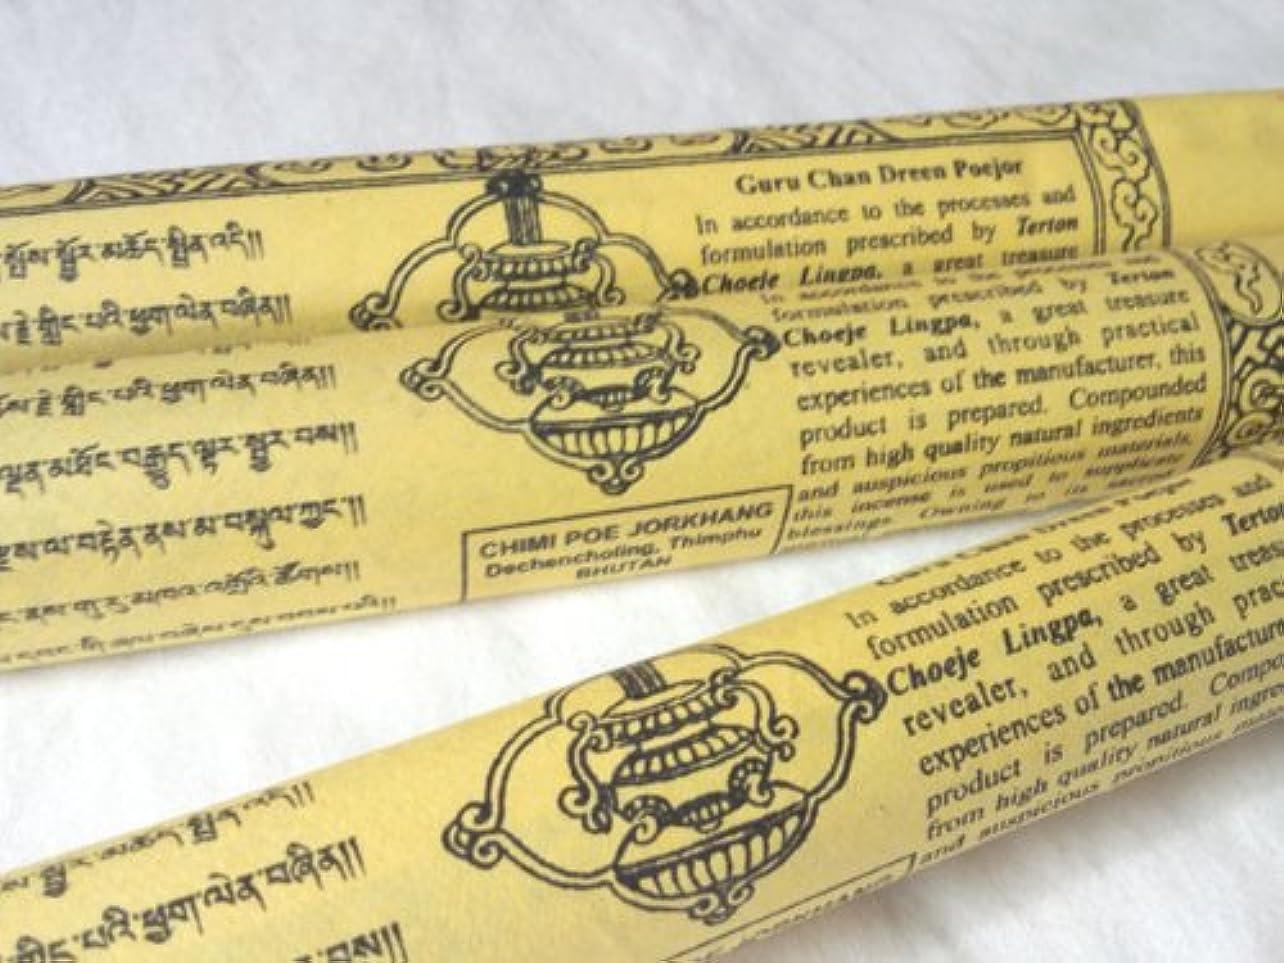 操作可能同意ガジュマルチミ香/グルチャンダン カラーパッケージ  Guru Chan Dreen Poejor - Color Package 25本入り